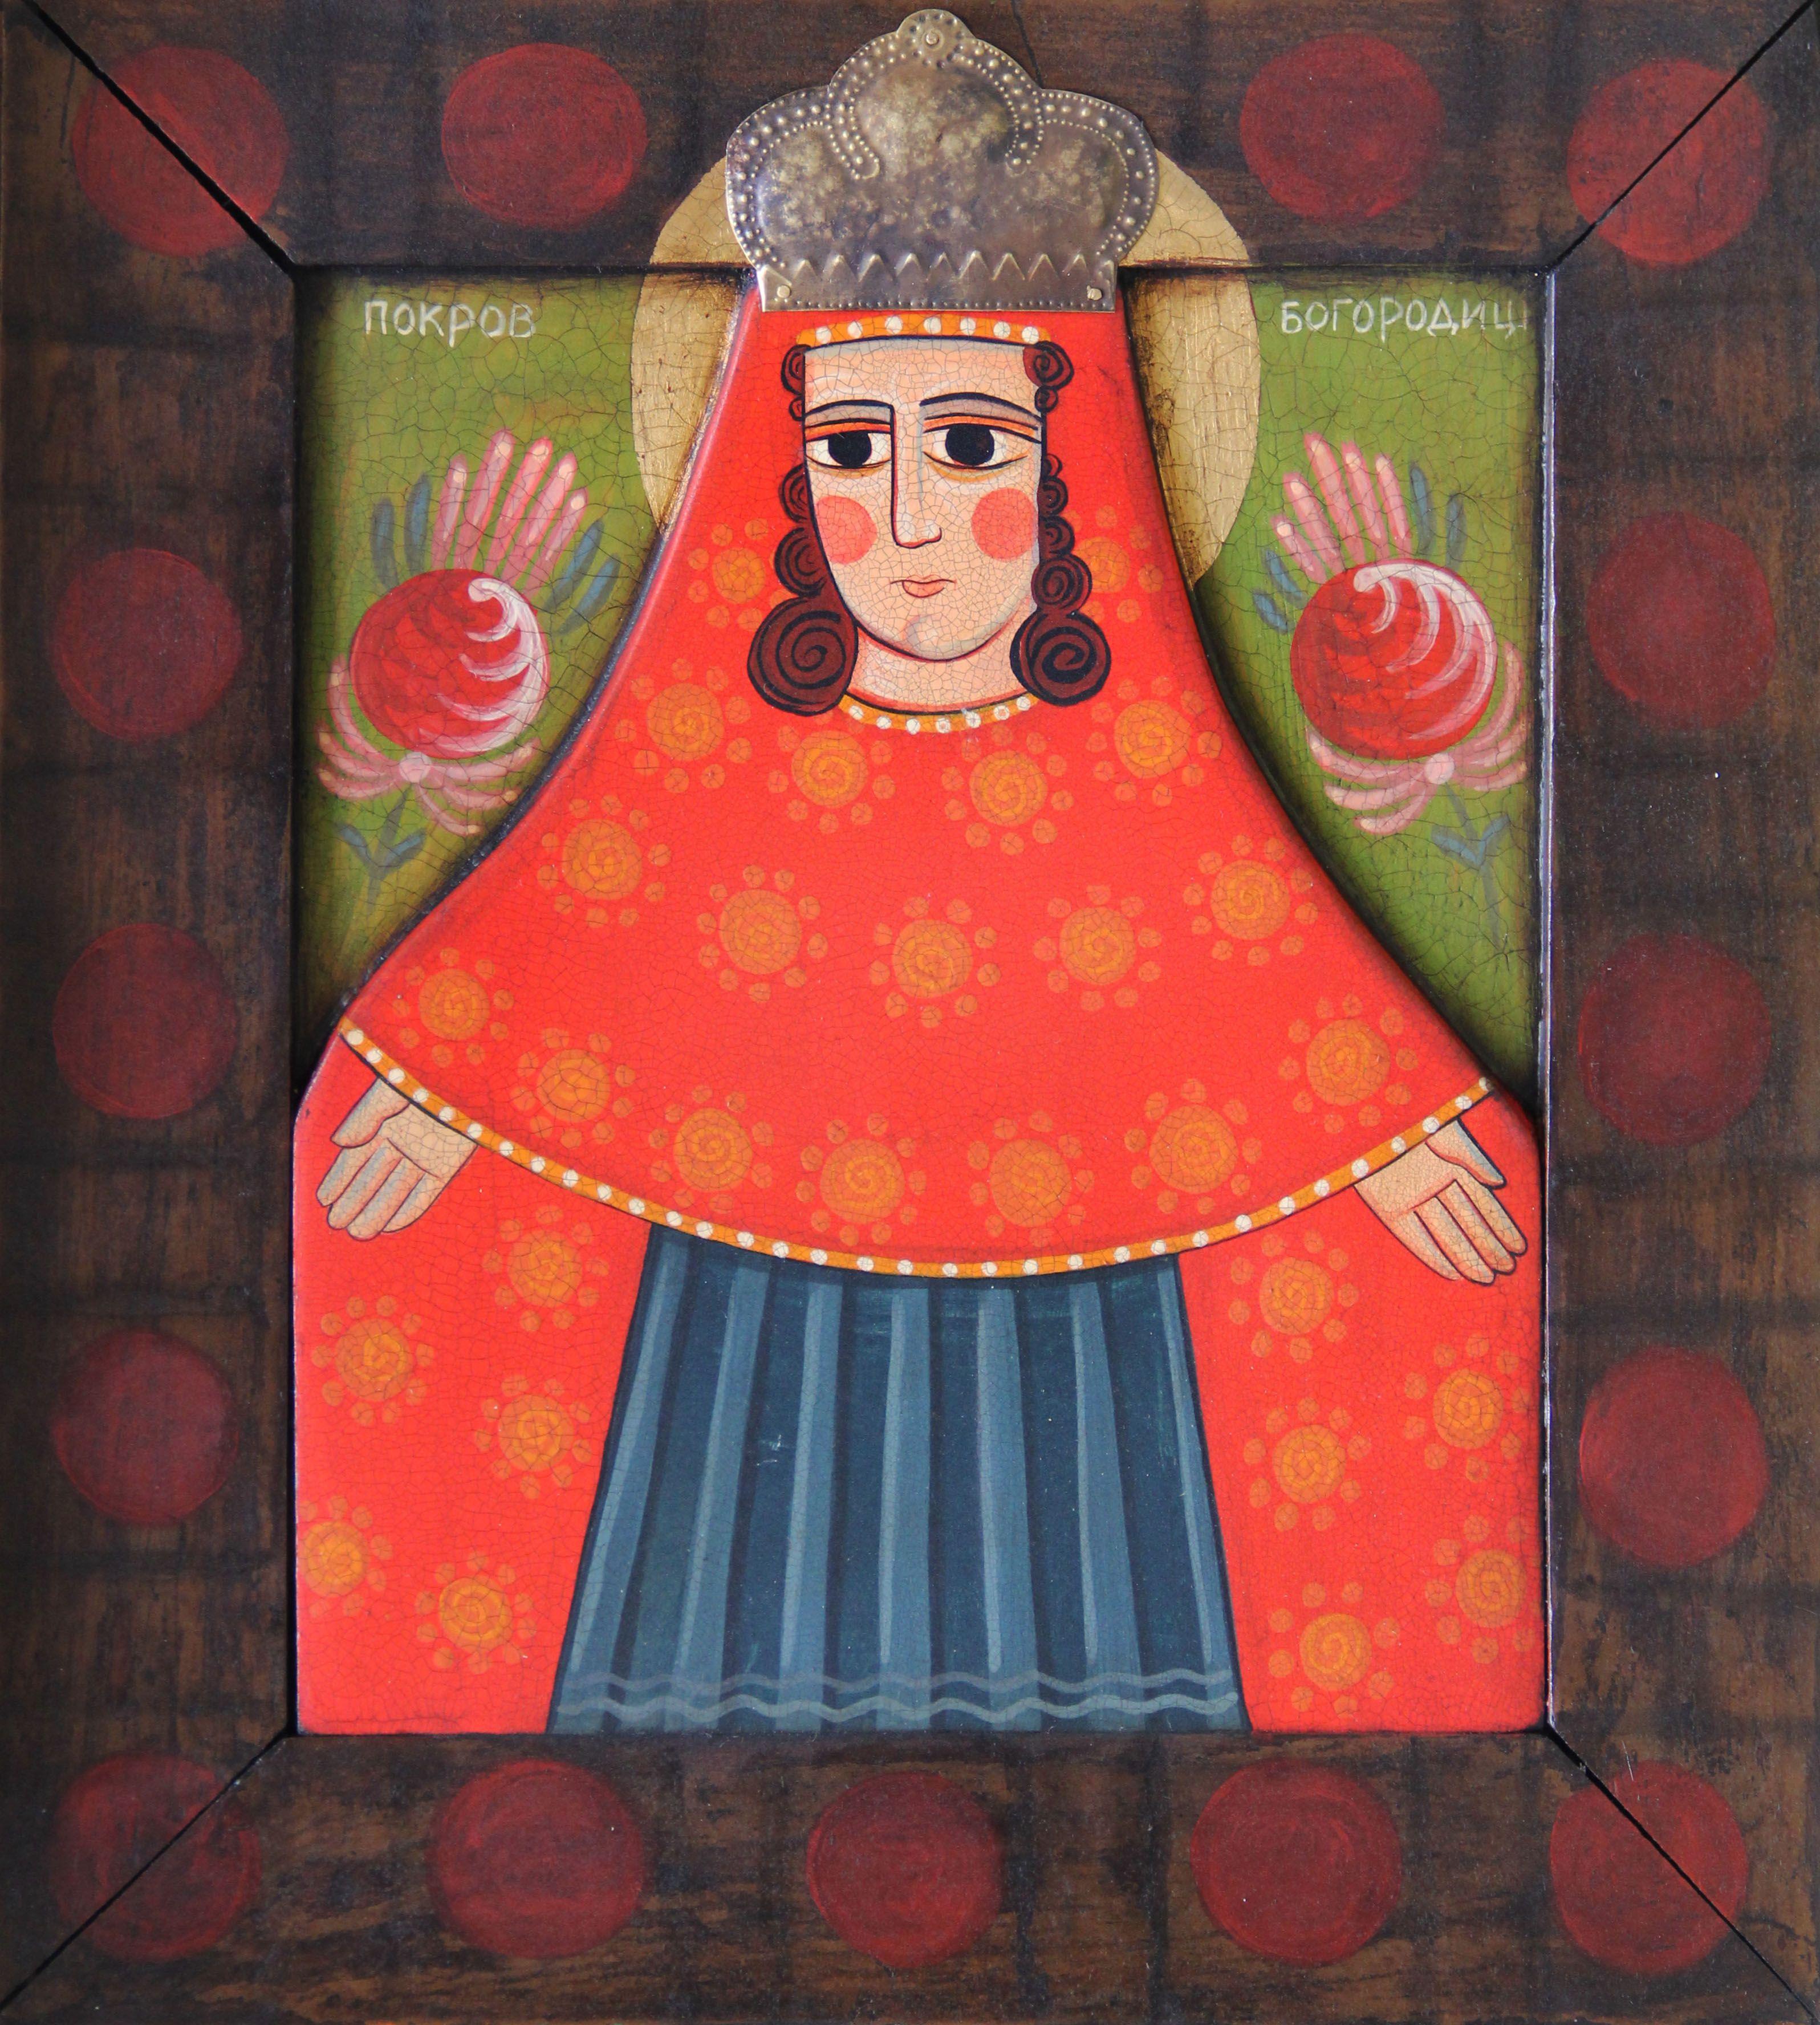 Роман Зілінко. Покров Богородиці, 2013; дошка, акрил, золочення, латунь, карбування